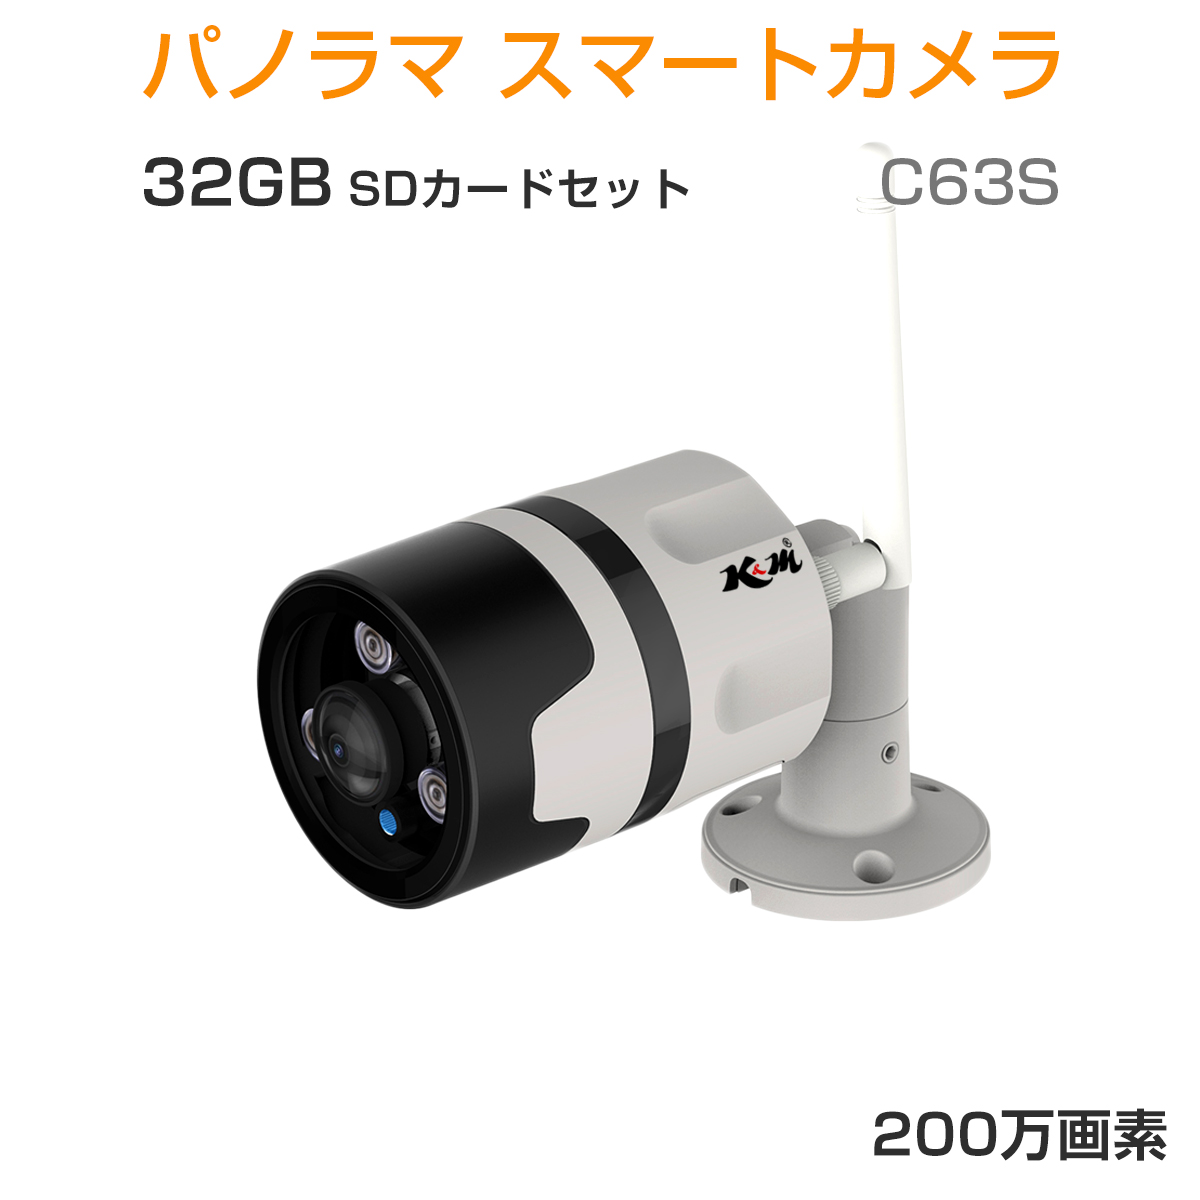 防犯カメラ 200万画素 C63S SDカード32GB同梱モデル商品 魚眼レンズ 360度 ネットワークカメラ ペット ベビー WIFI ワイヤレス 屋外 屋内 MicroSDカード録画 監視 IP カメラ 動体検知 VStarcam 宅配便送料無料 PSE 技適 6ヶ月保証 K&M